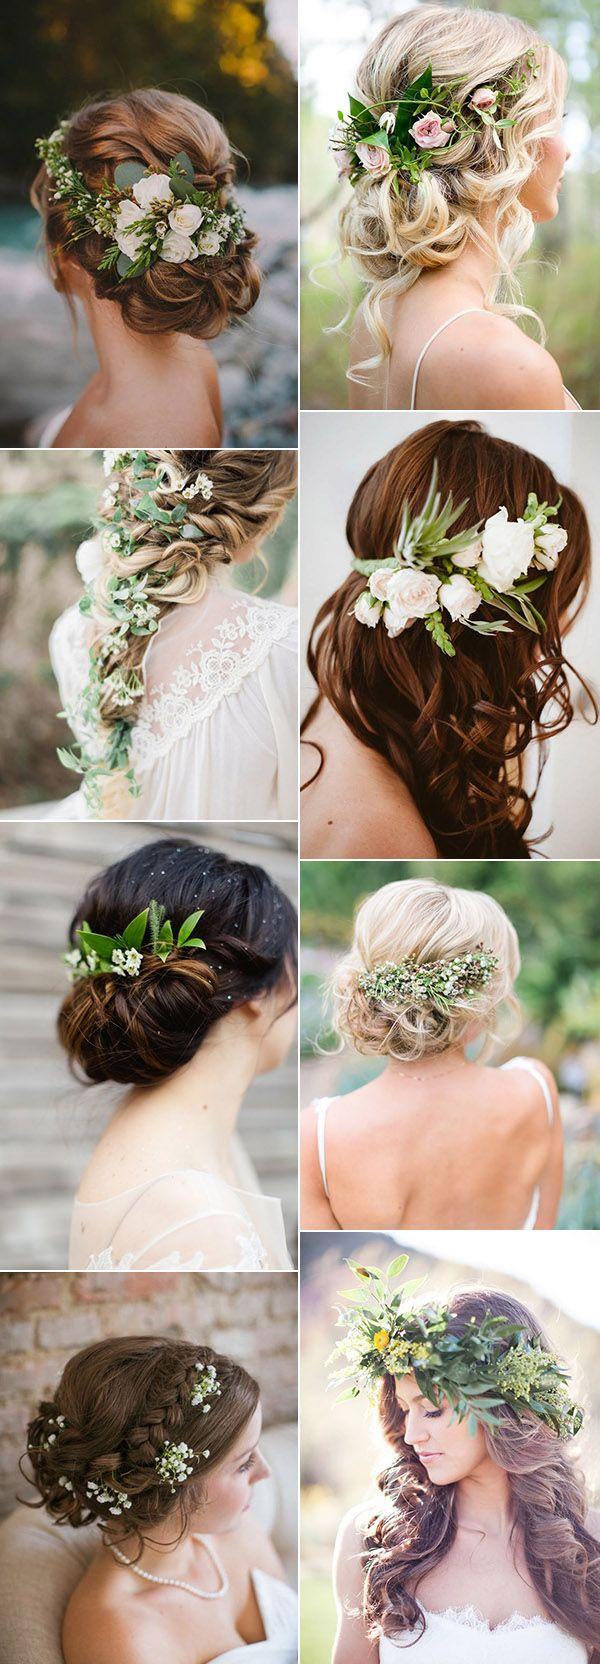 bohemian wedding ideas - diy boho chic wedding | fashion